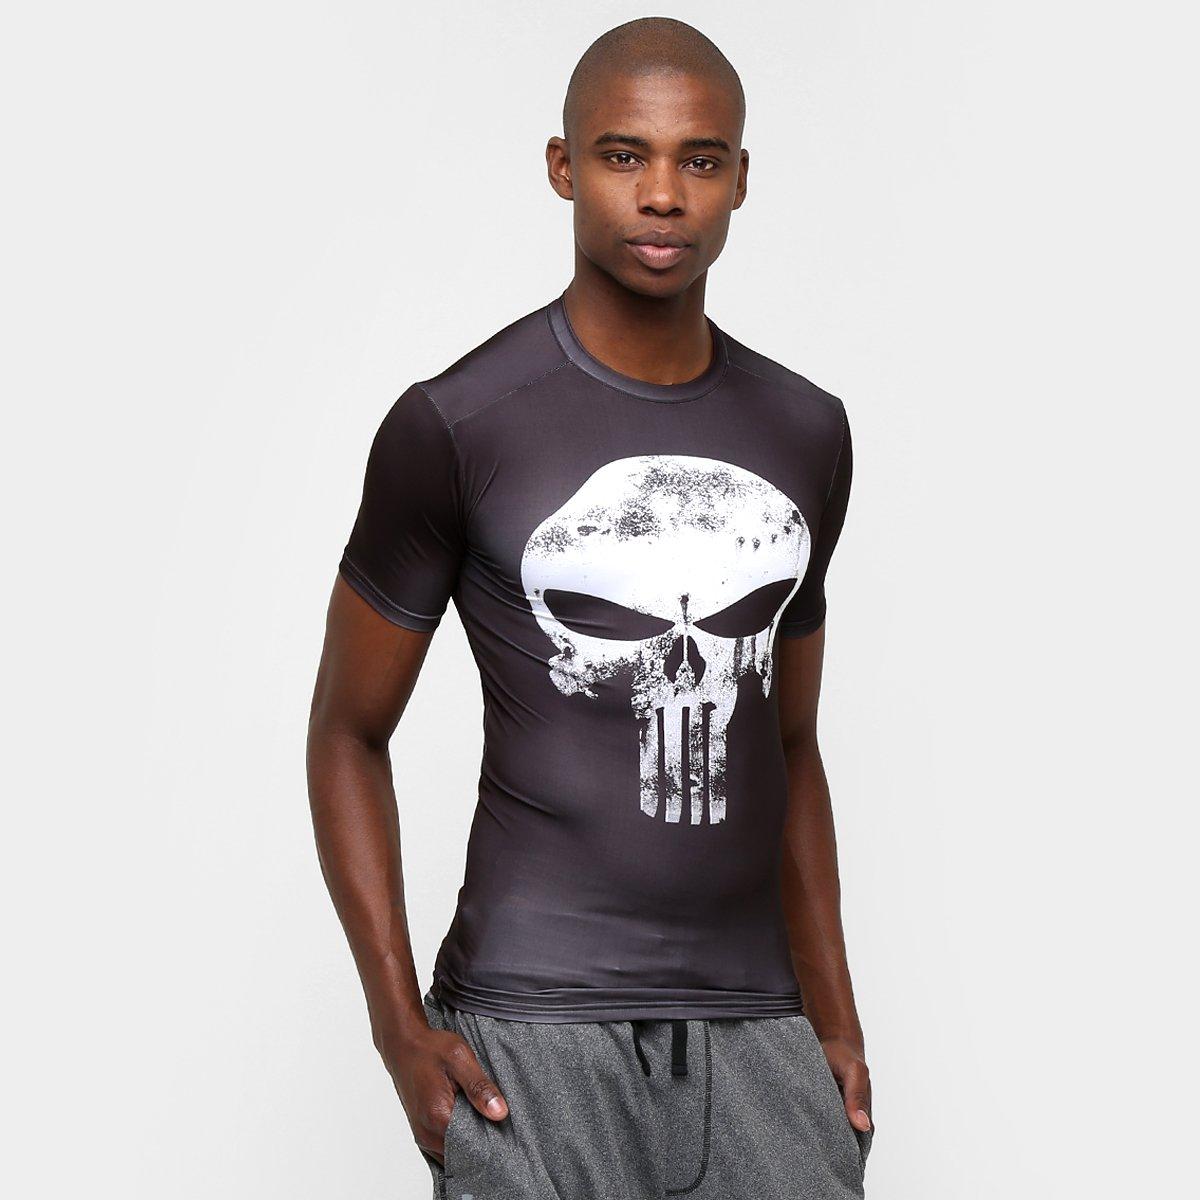 87393420d3 Camiseta de Compressão Under Armour Alter Ego Punisher Masculina - Compre  Agora